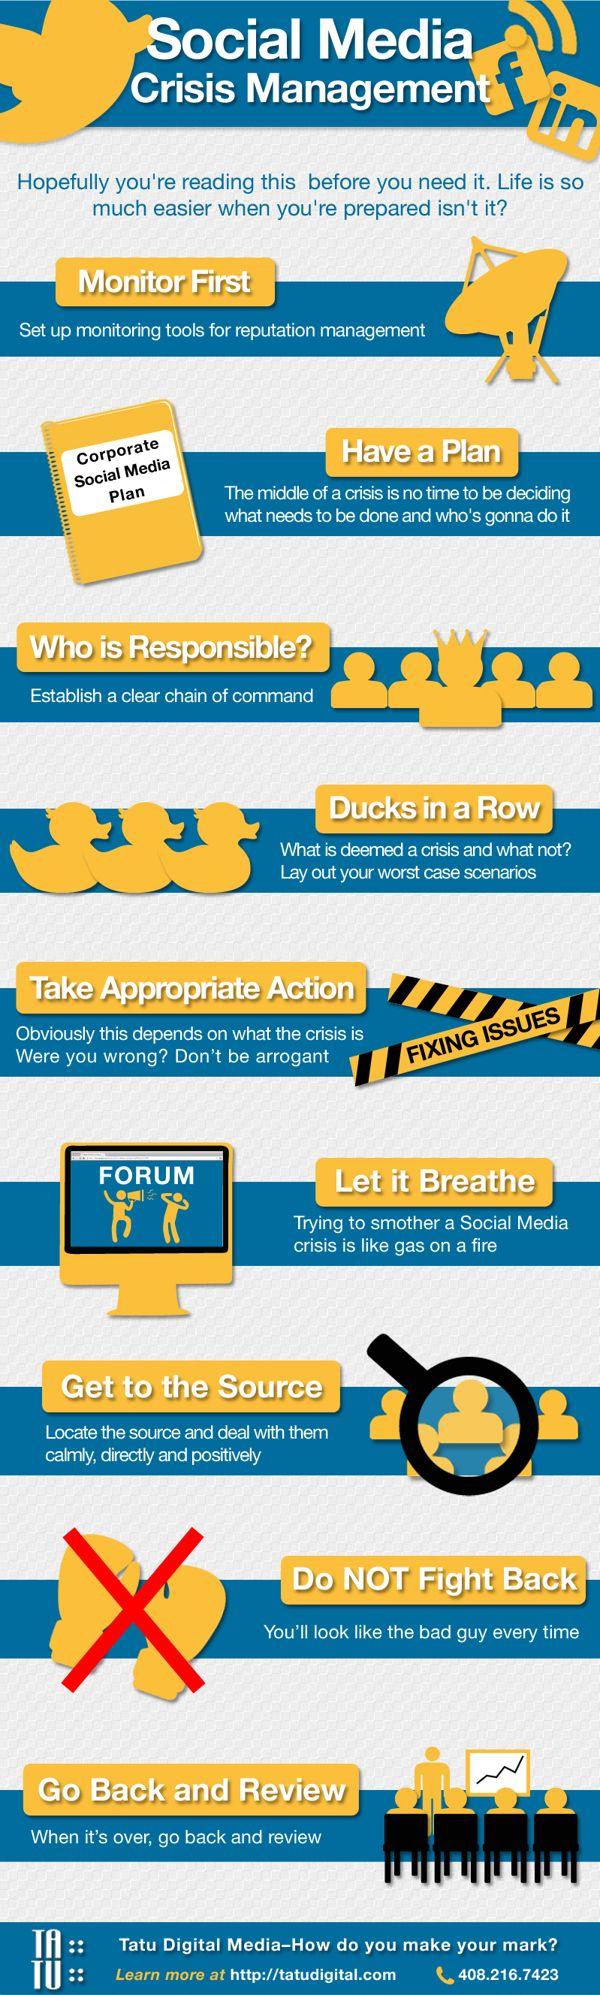 Manejo de una crisis en Social Media